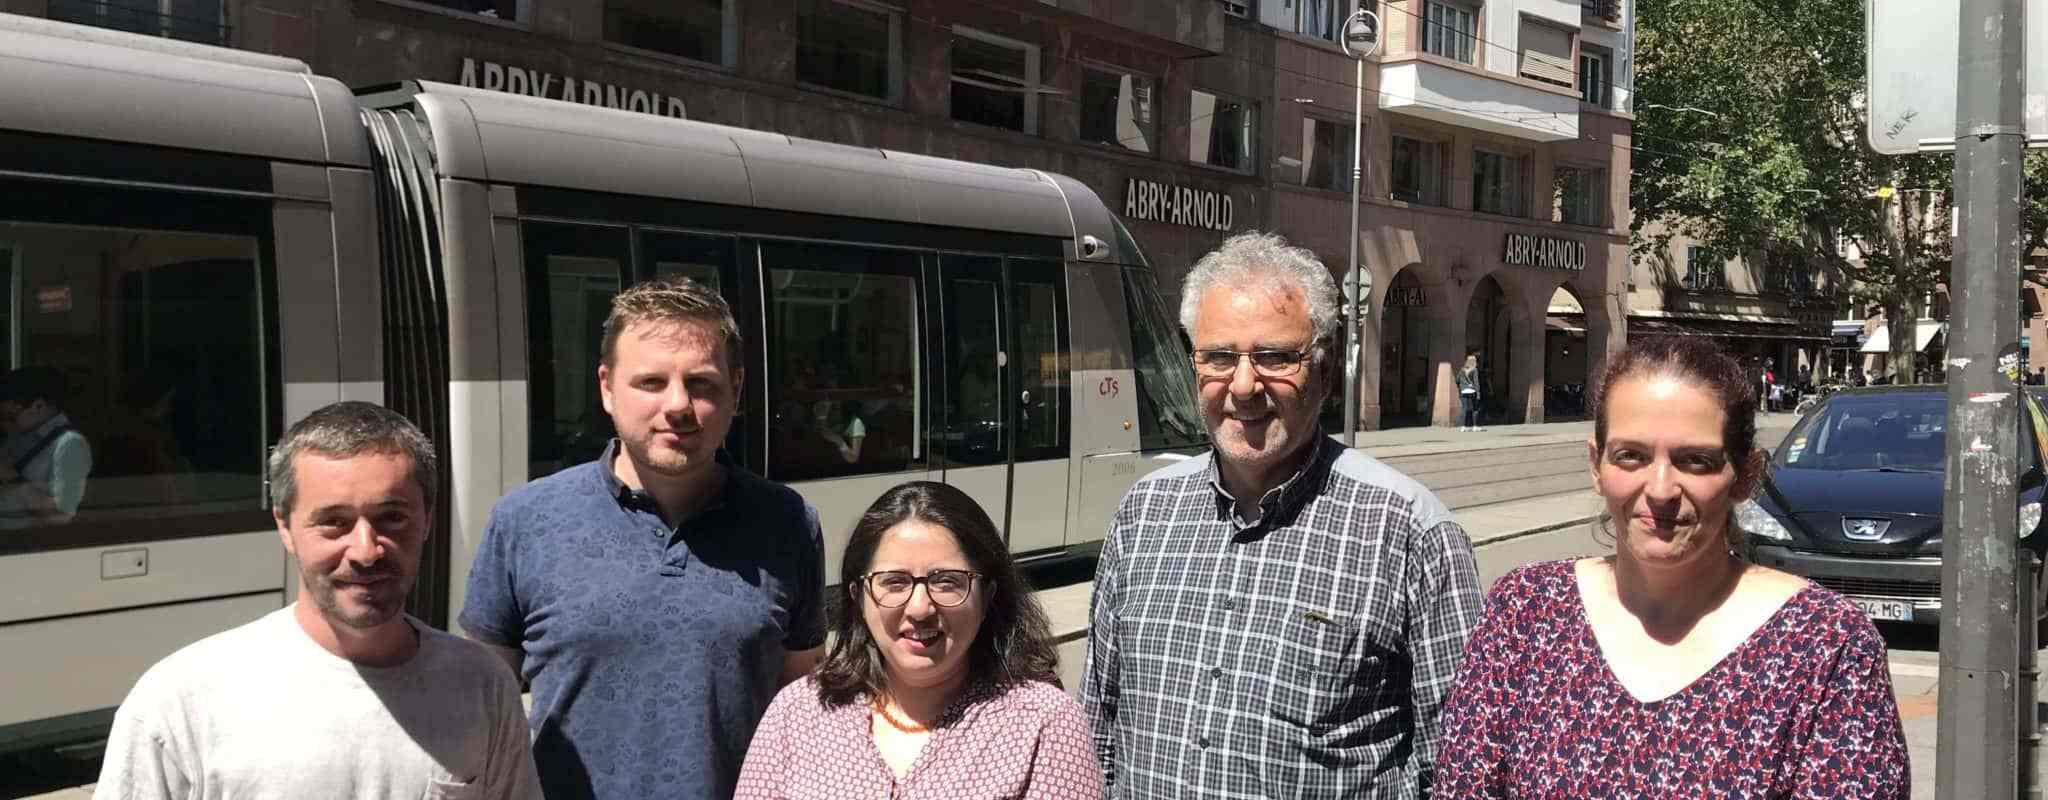 Un collectif se forme pour la gratuité des transports en commun